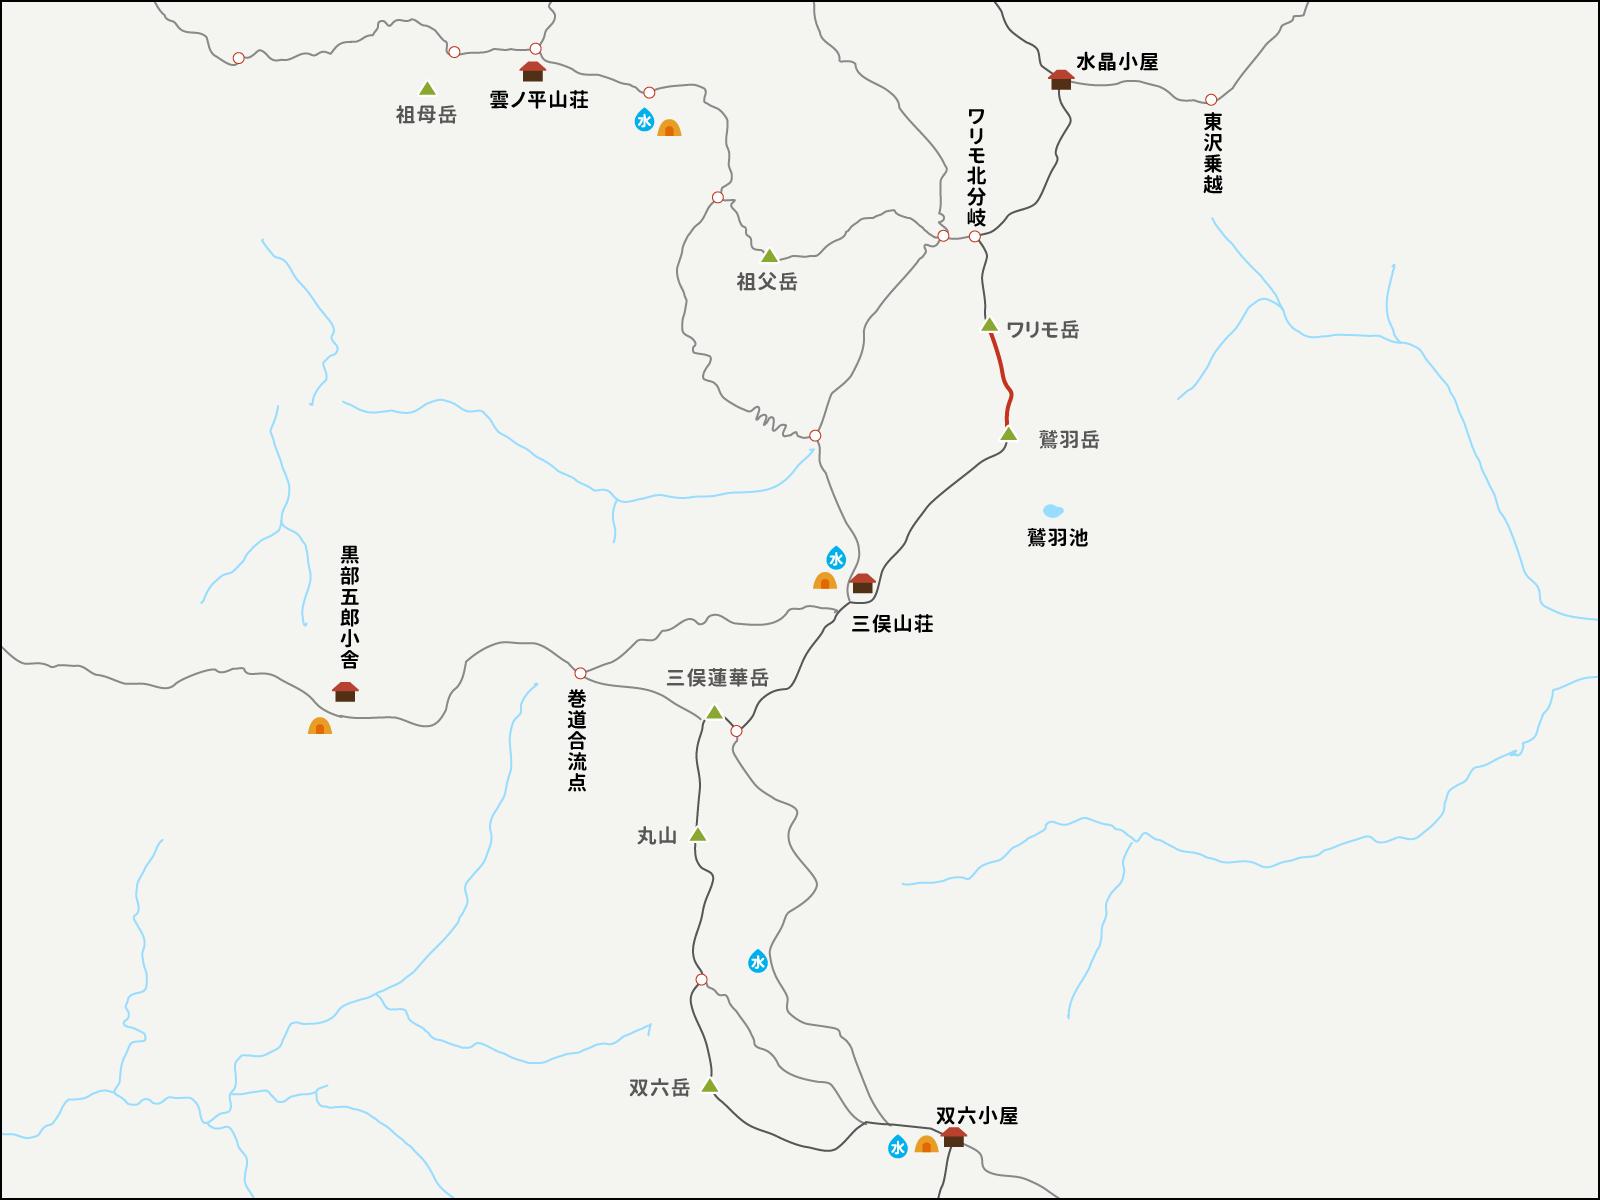 ワリモ岳から鷲羽岳までのイラストマップ